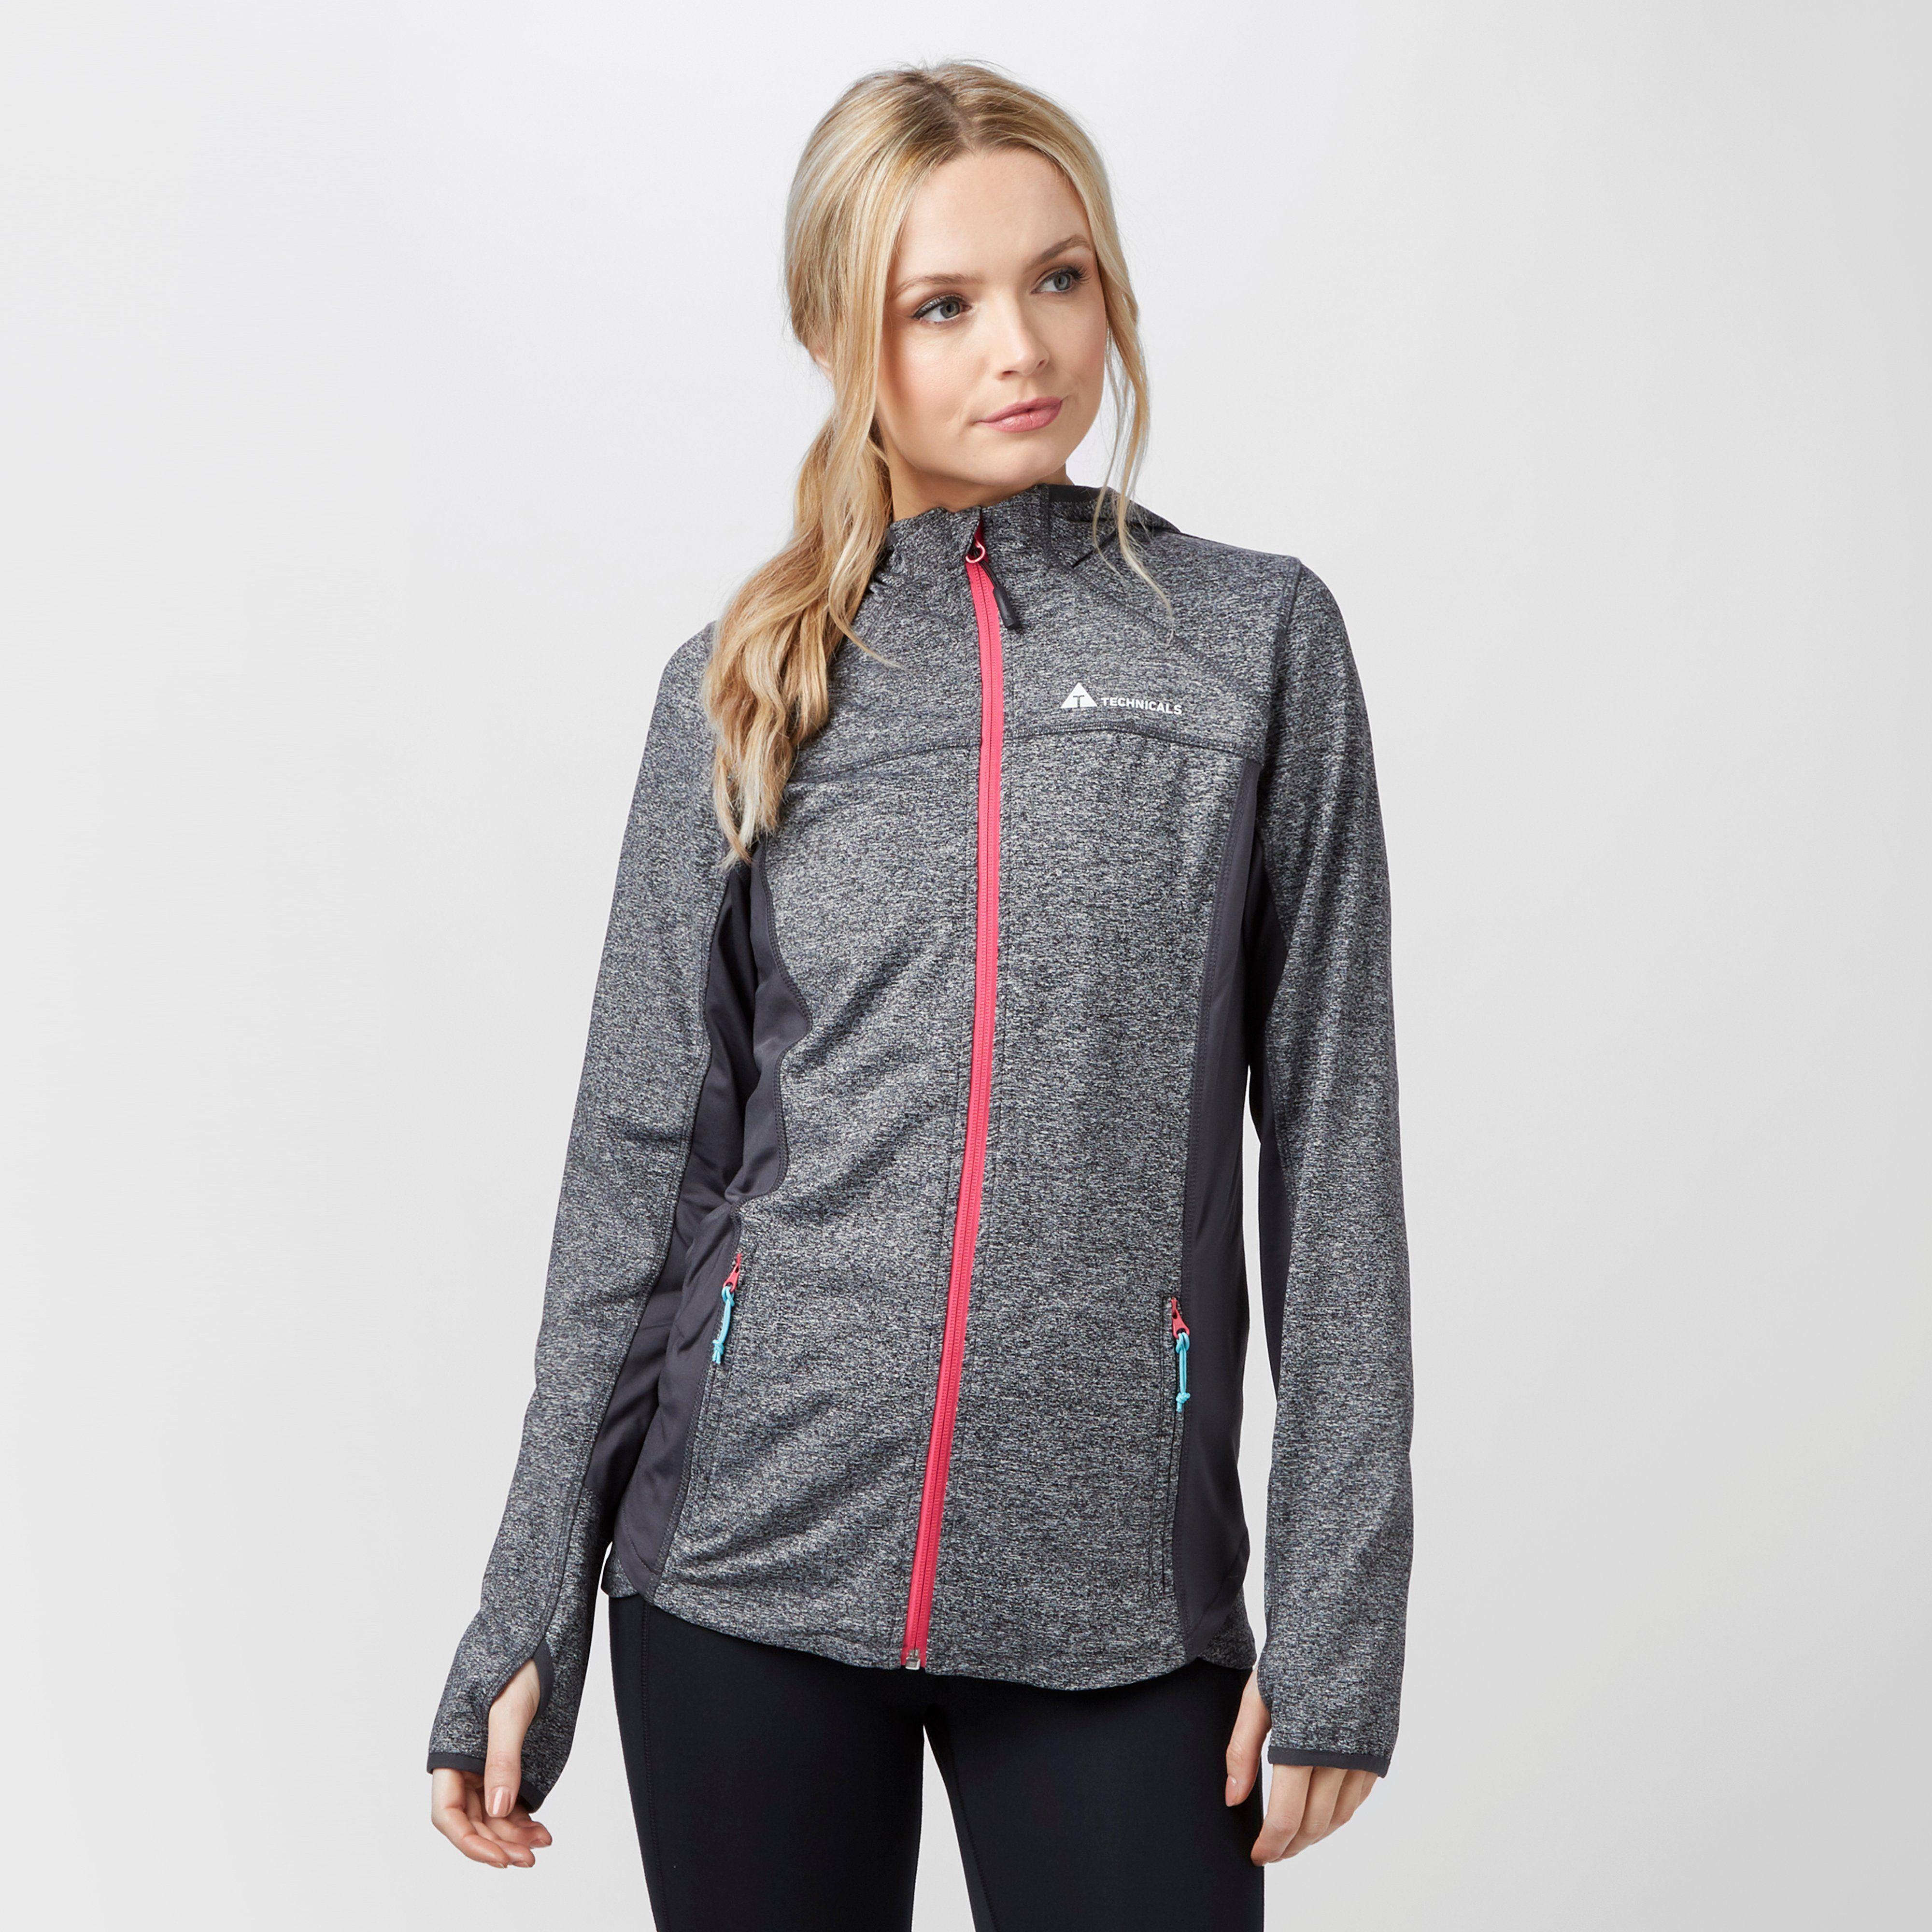 TECHNICALS Women's Pace Hooded Fleece